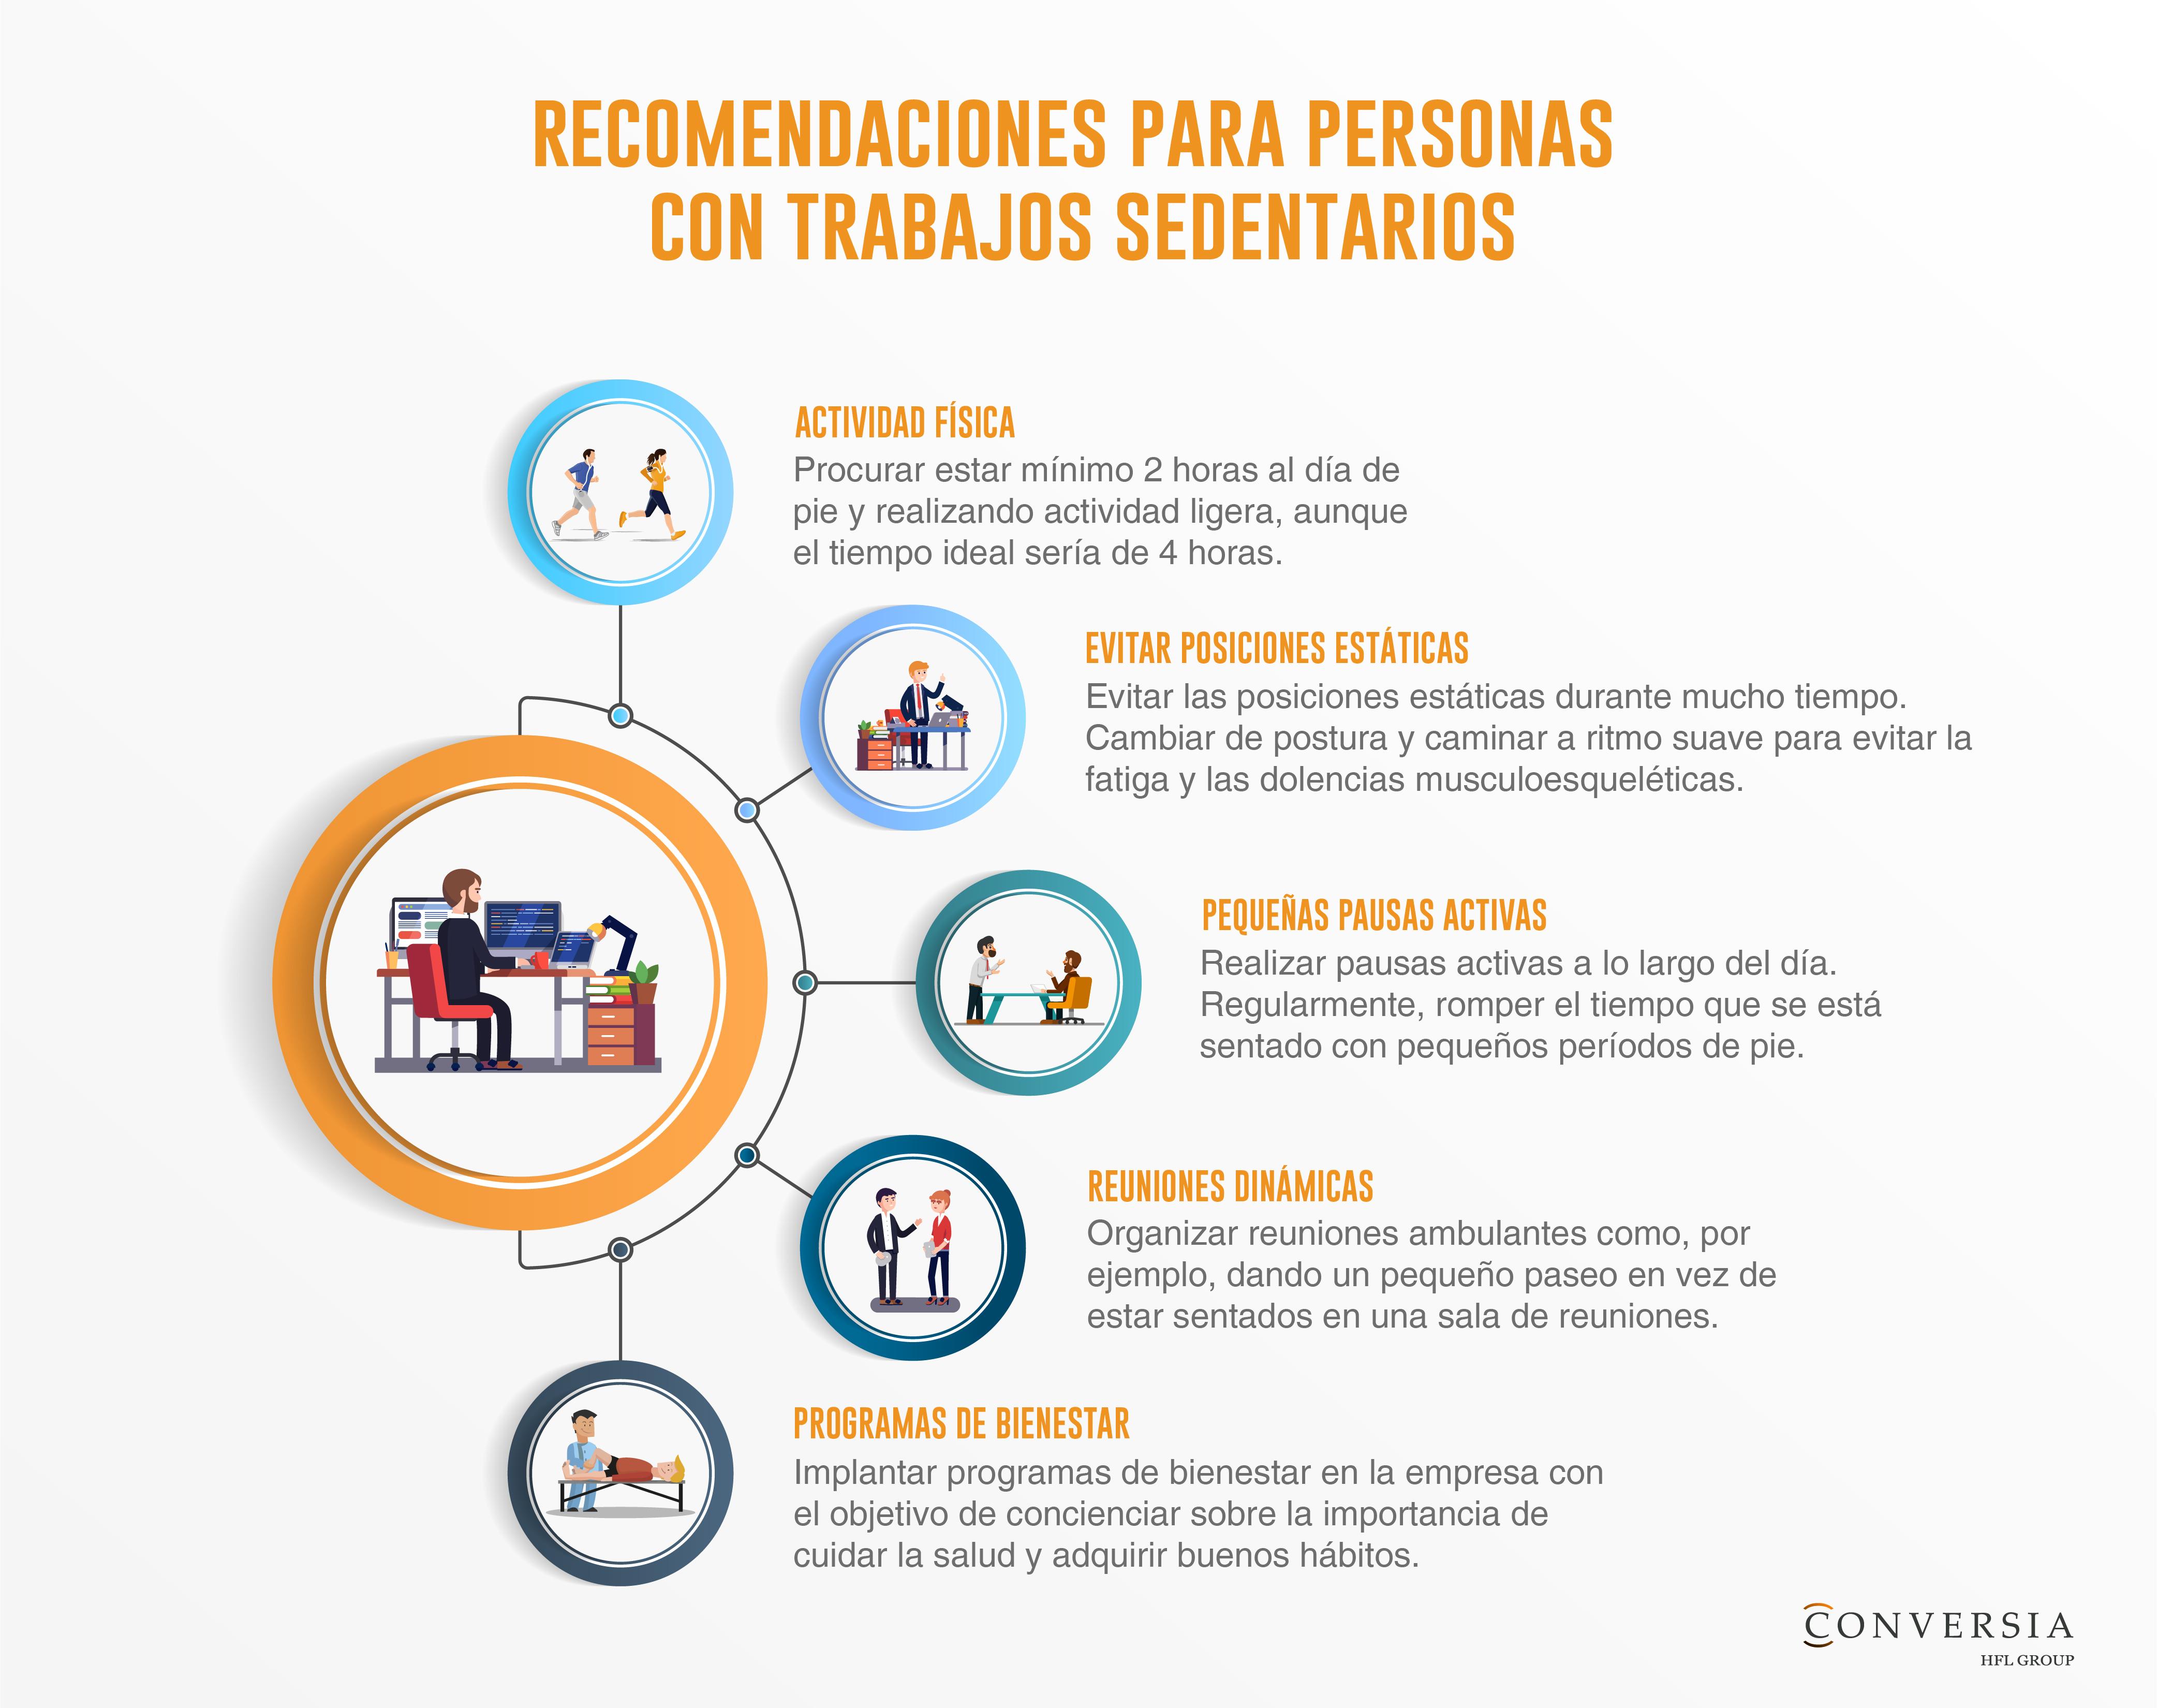 Infografía Conversia - Opiniones Sedentarismo trabajo